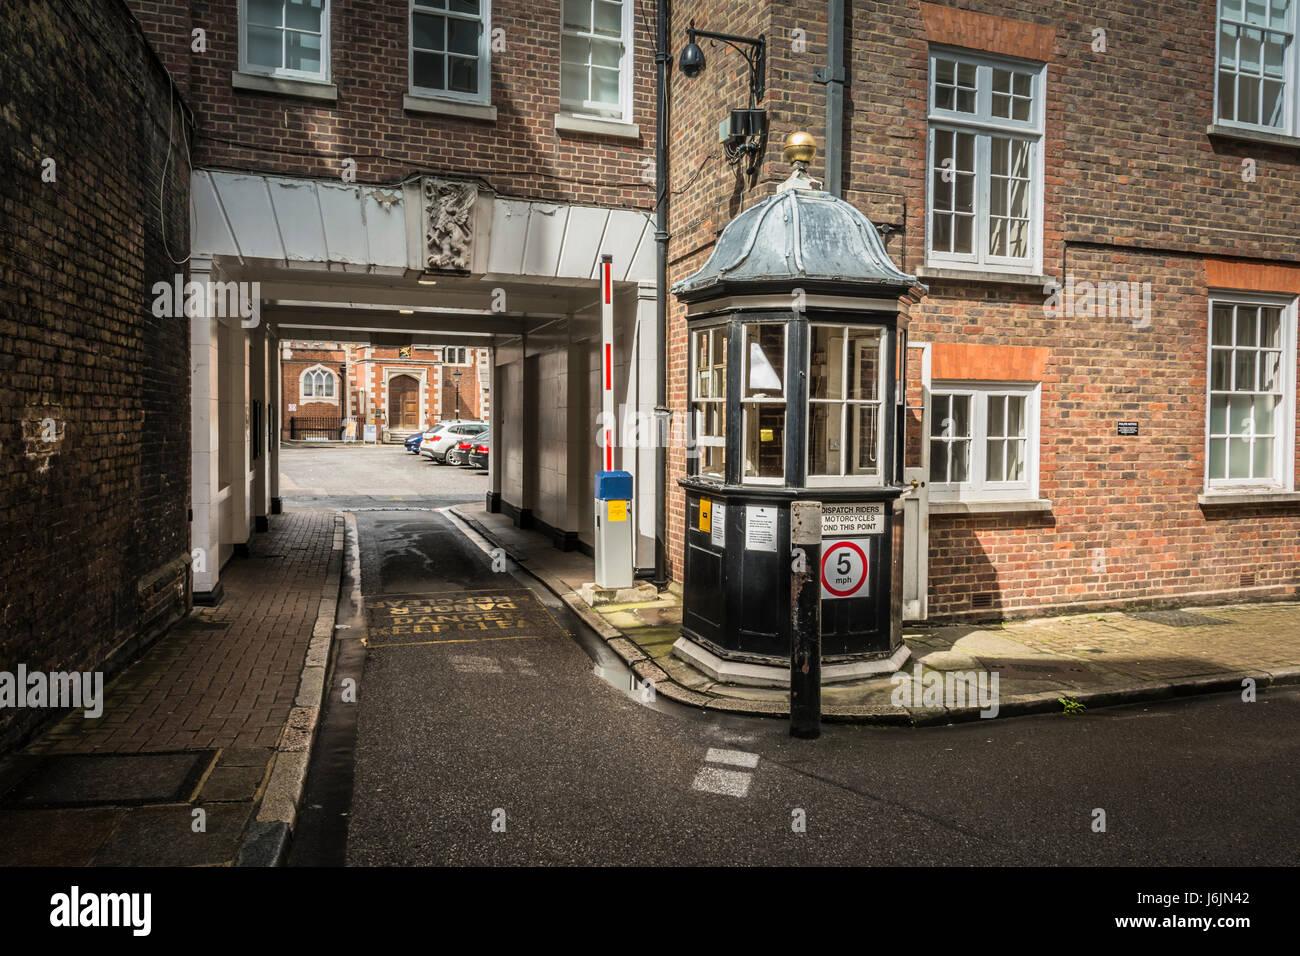 Acceso vehicular a la Honorable Sociedad de Gray's Inn, comúnmente conocido como Gray's Inn, Londres, Imagen De Stock